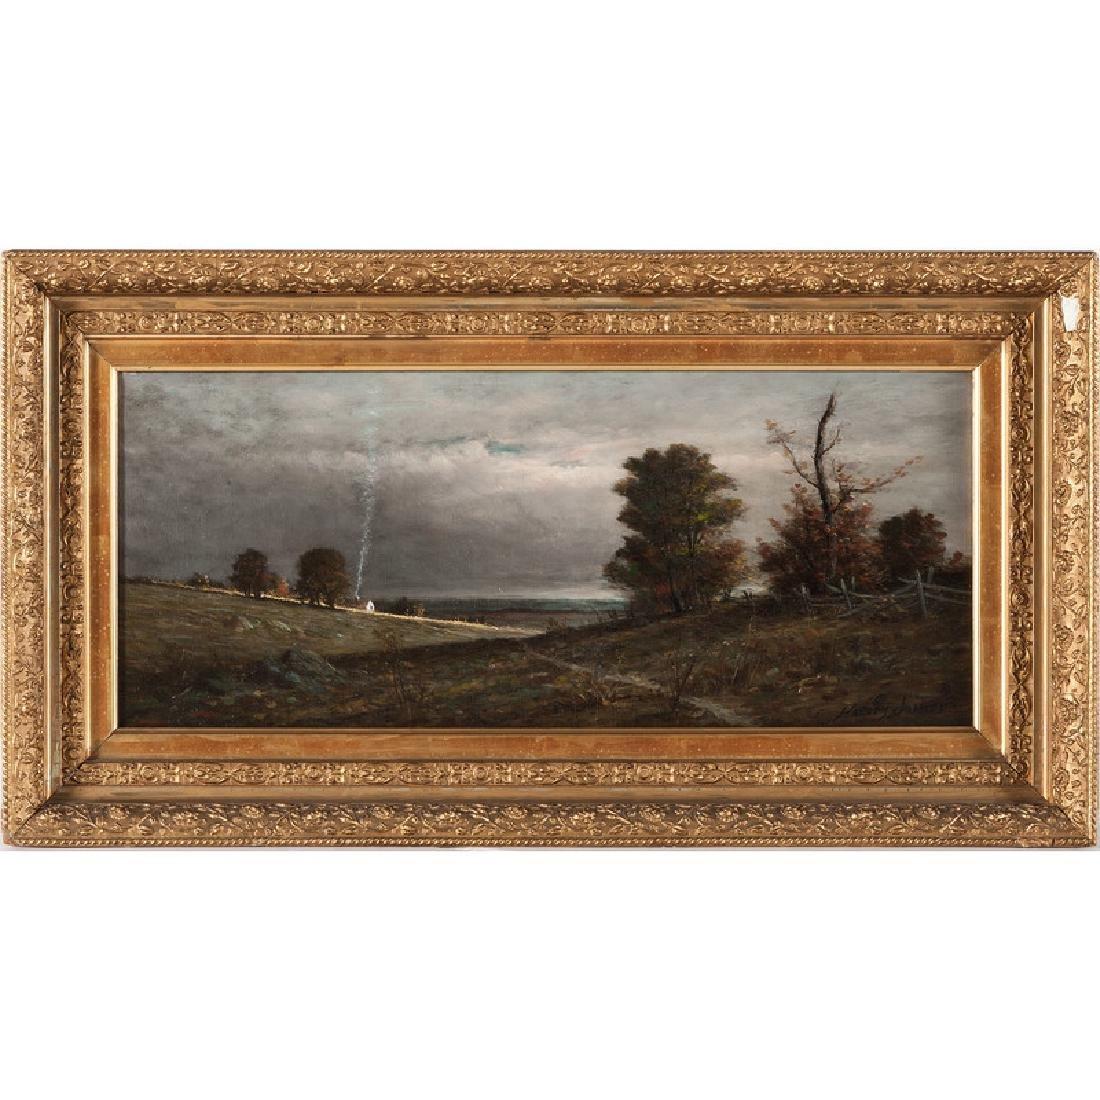 Harvey Joiner (Louisville, Kentucky, 1852-1932), Oil